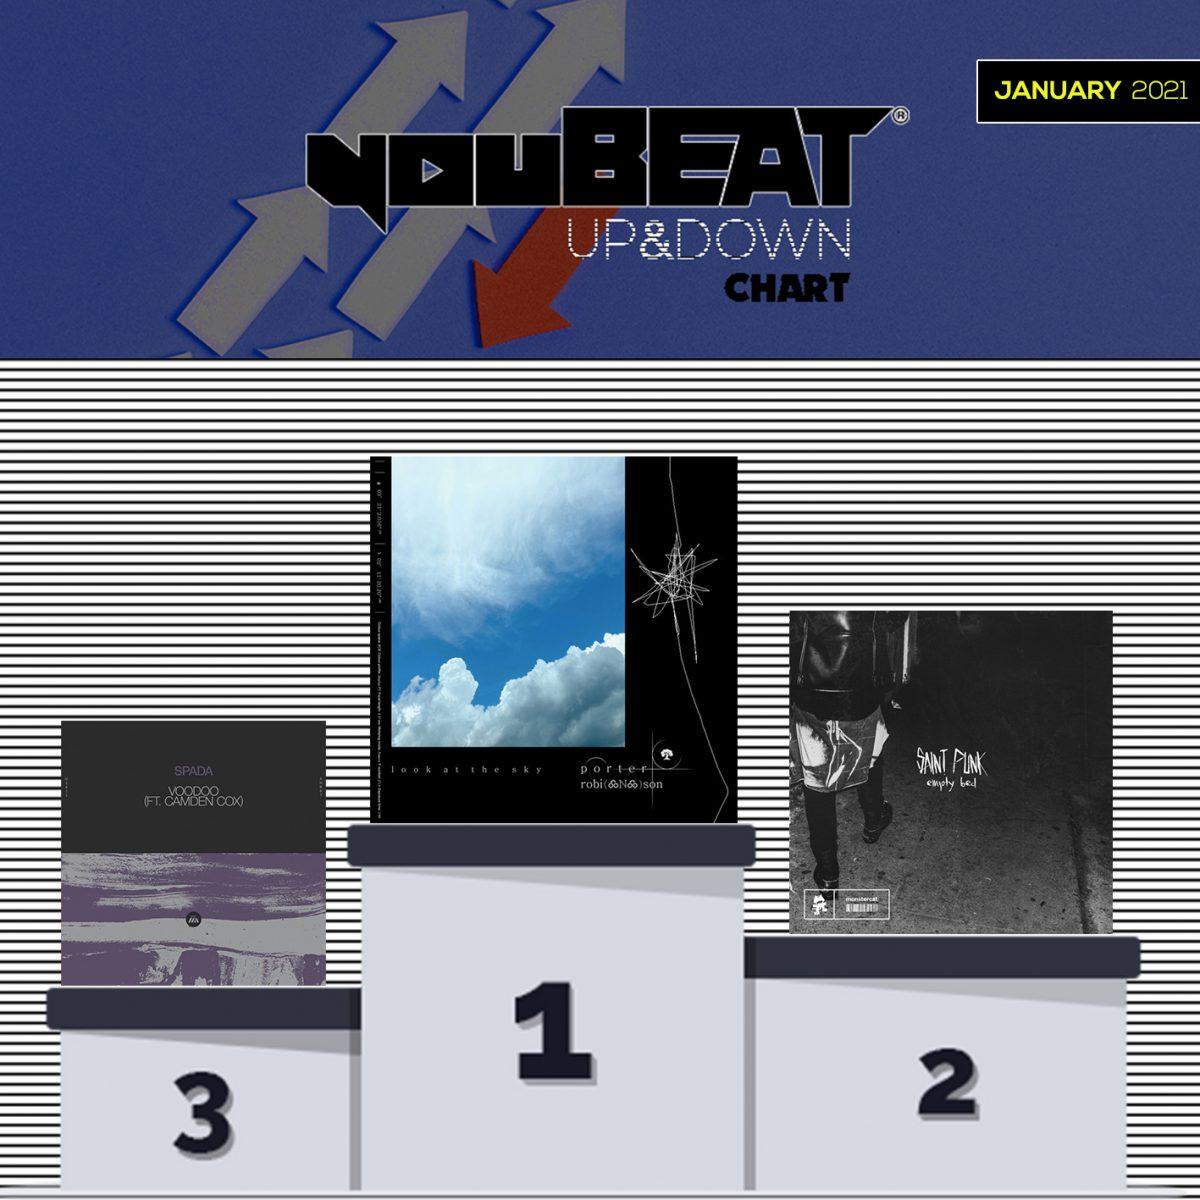 YouBeat Up&Down chart Podium - January 2021